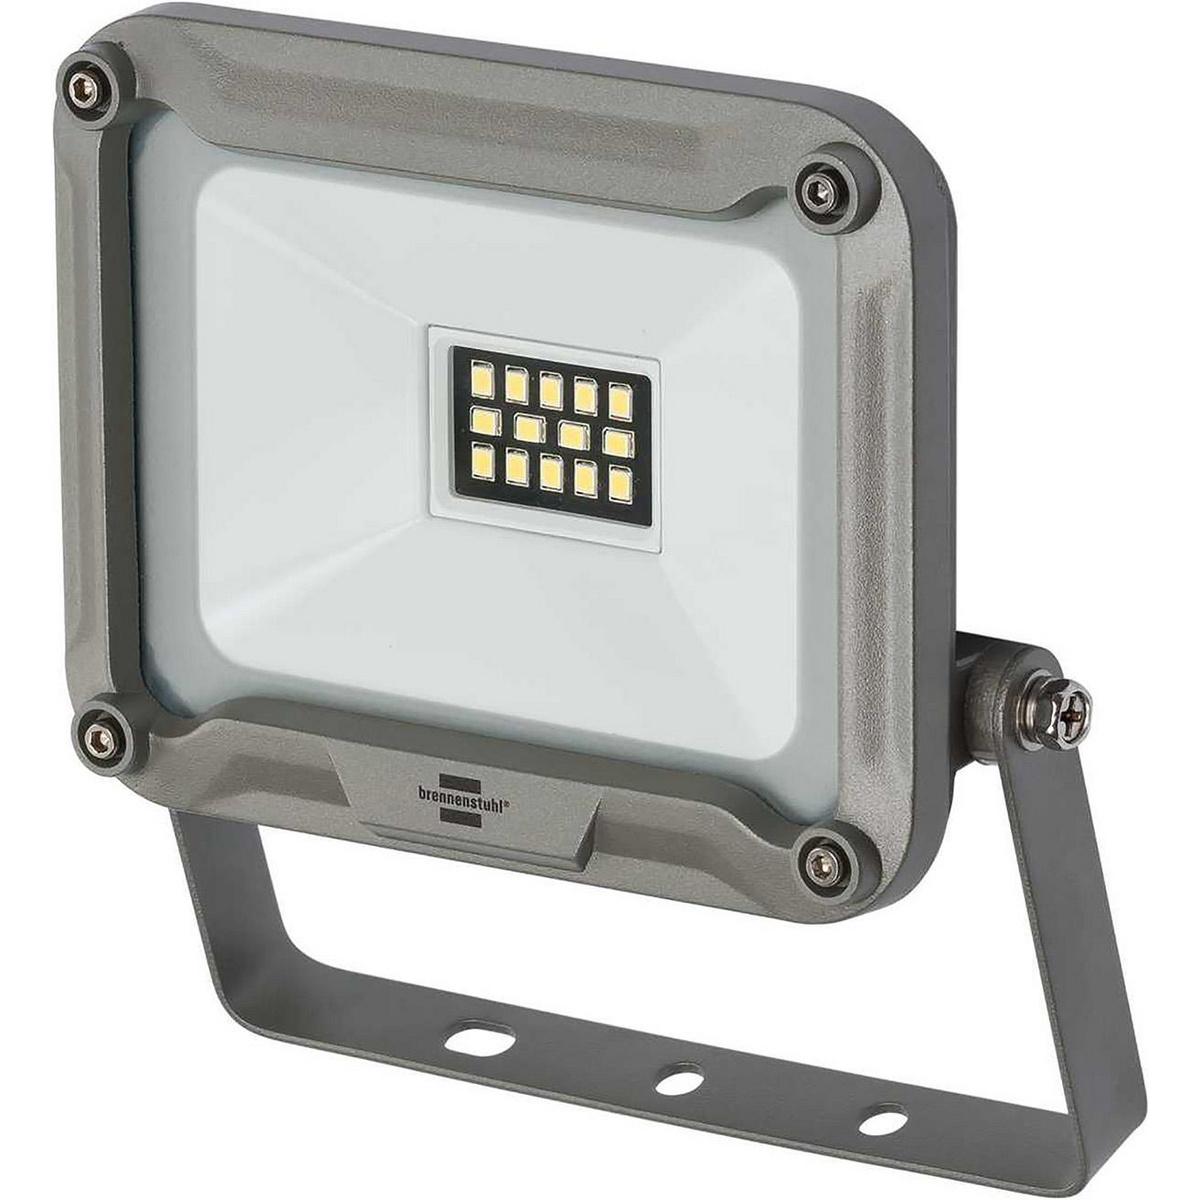 Luz LED com LEDs Everlight SMD extremamente brilhantes. Montagem fácil de usar graças ao terminal de conexão externo à prova d'água. Com vidro de segurança. Carcaça de alumínio sólida e moderna. Suporte de montagem ajustável para montagem. Em embalagem de